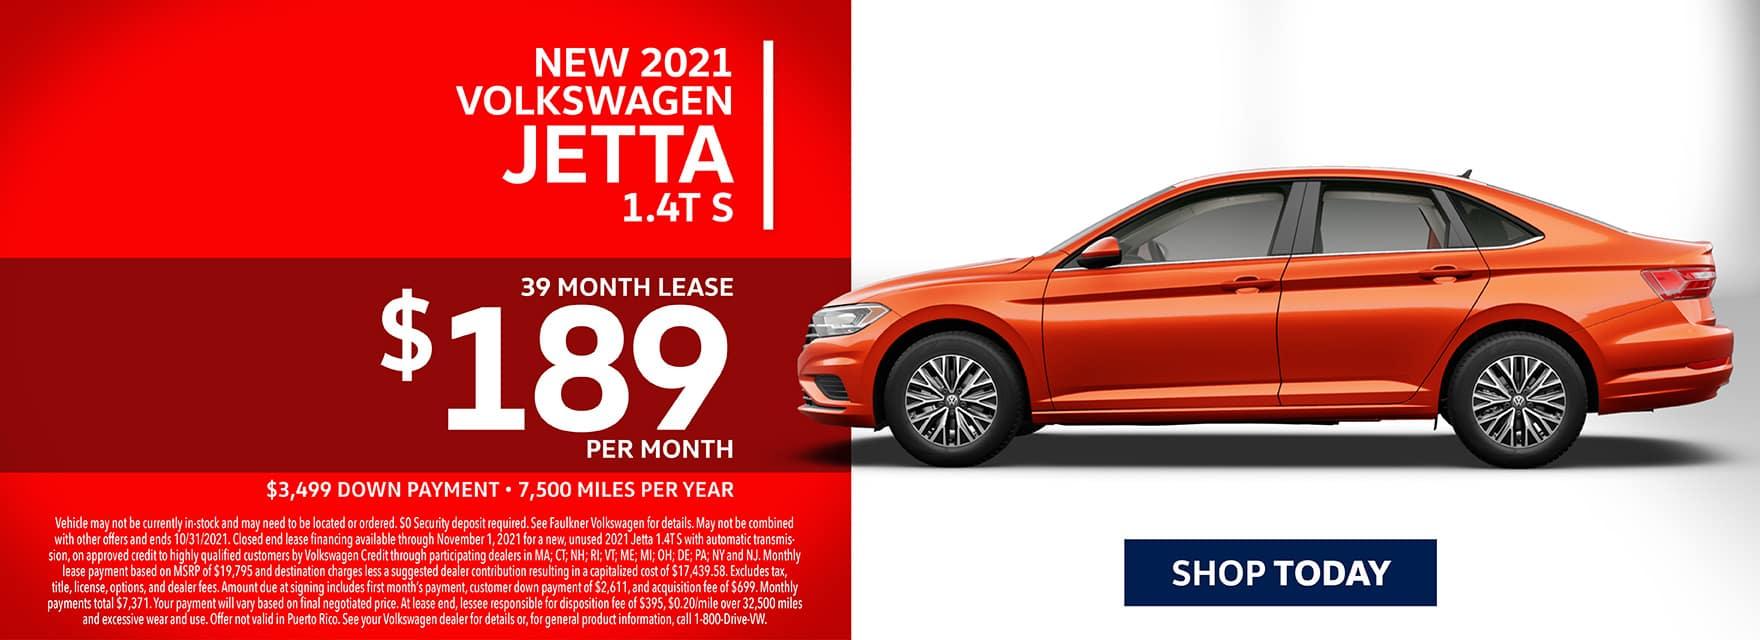 New 2021 Volkswagen Jetta